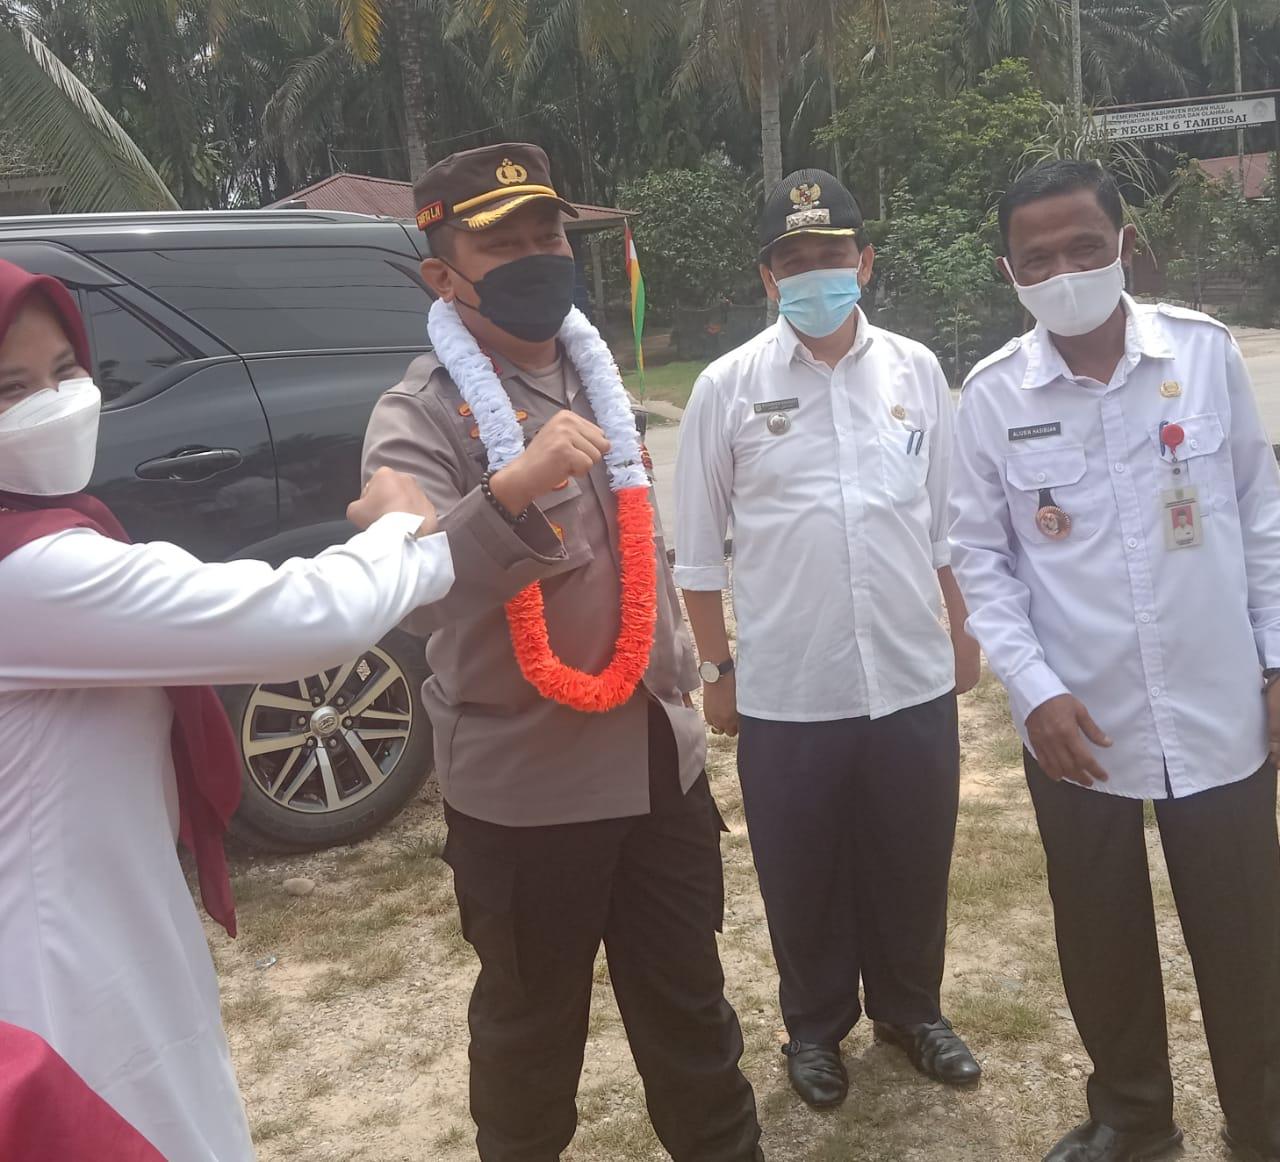 Kapolres AKBP Taufiq Lukman Nurhidayat, Minta Polri Dan Tim Satgas Covid-19 Bekerja Seperti Pramugari